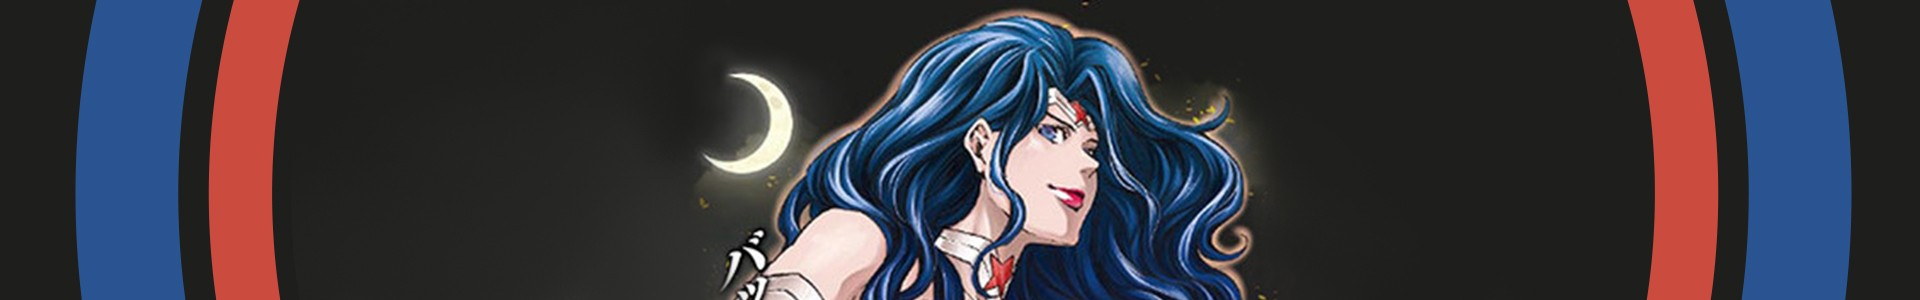 Mangá da Liga da Justiça: Mulher Maravilha será lançado no Japão